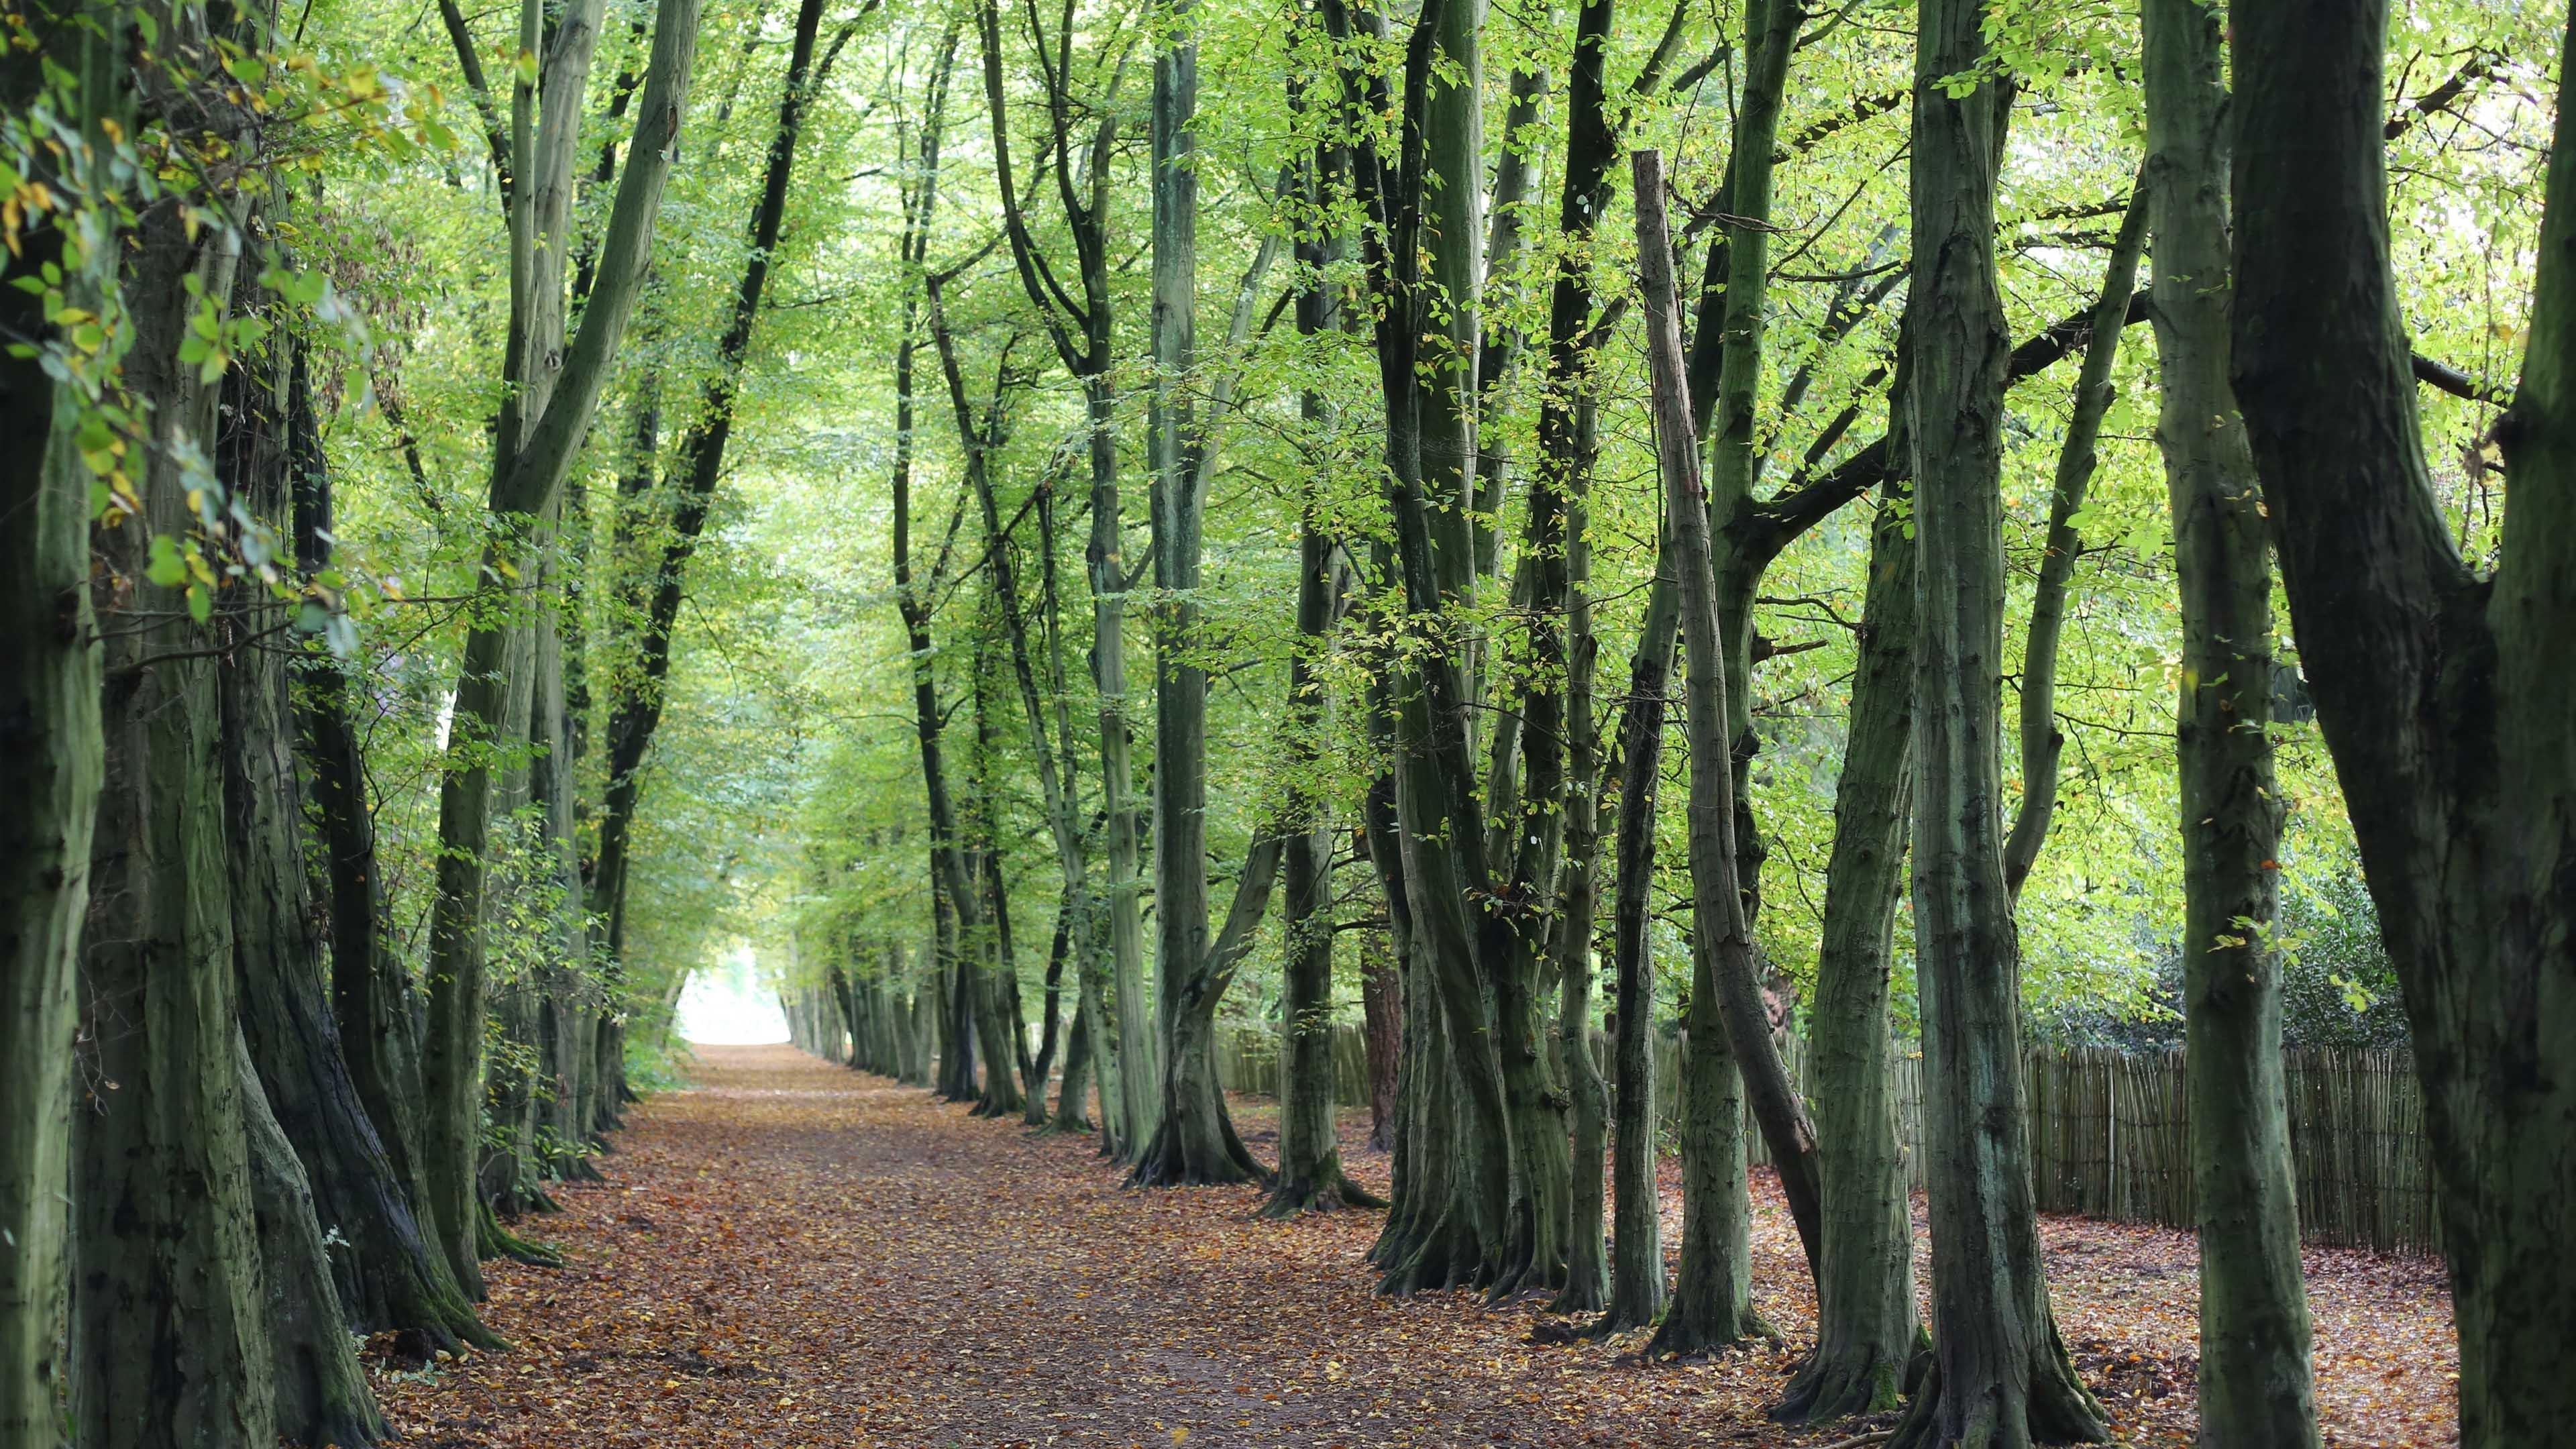 风景大片,春意盎然,树林,树荫,笔直的路